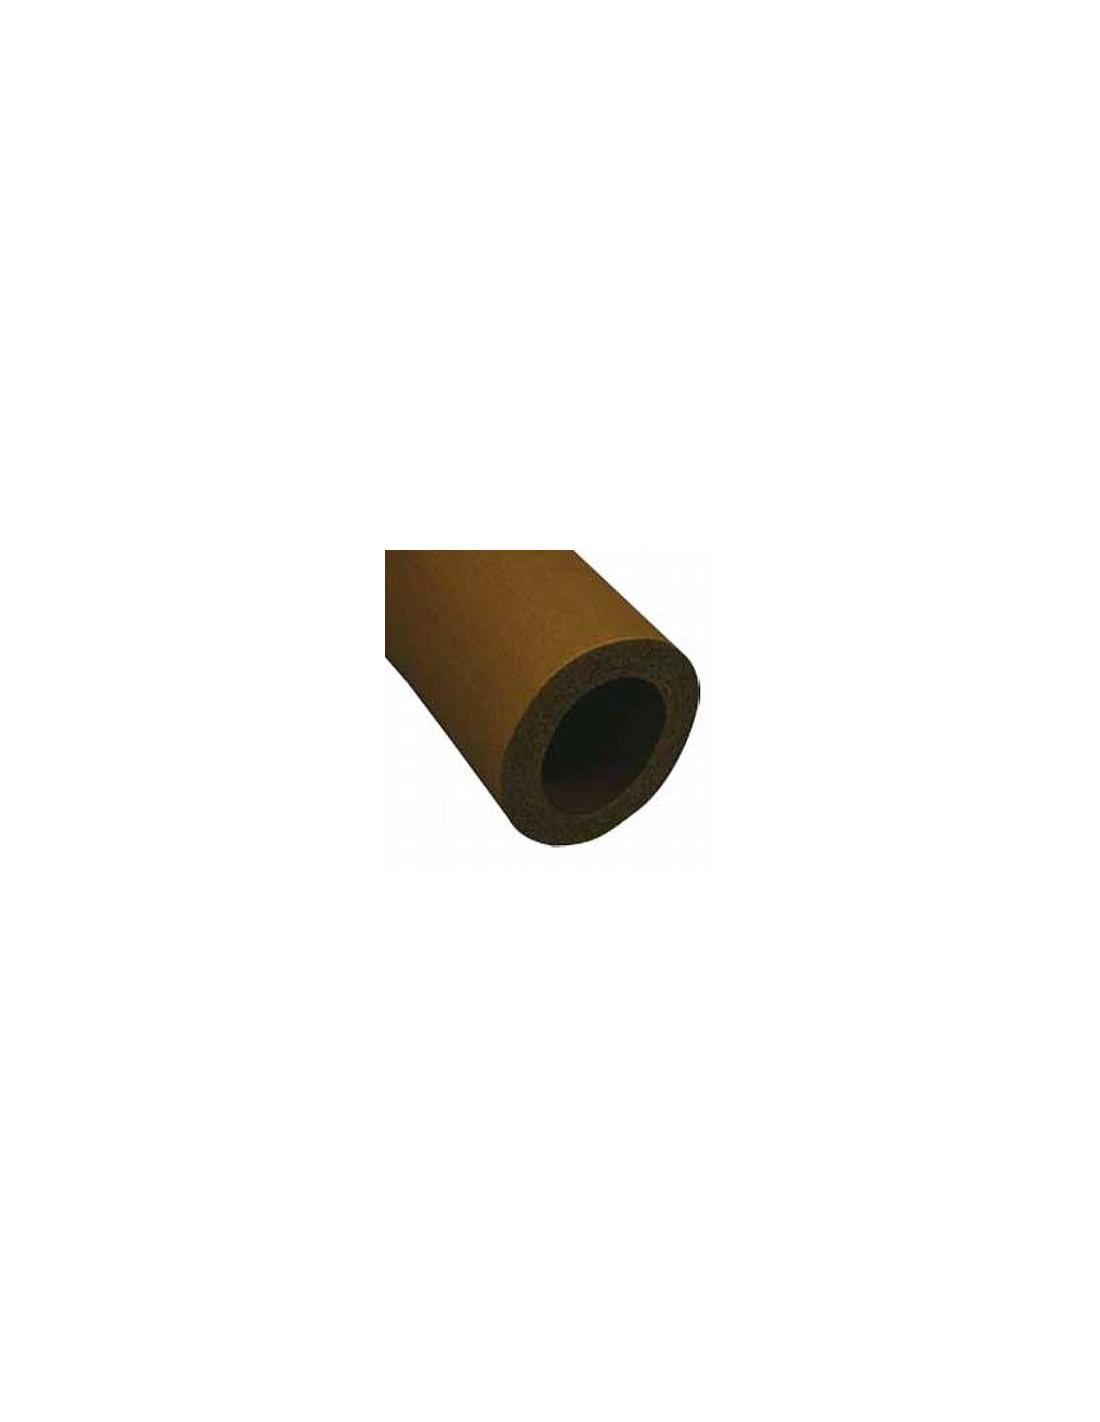 UPP00088 - Rörisolering 15x24mm